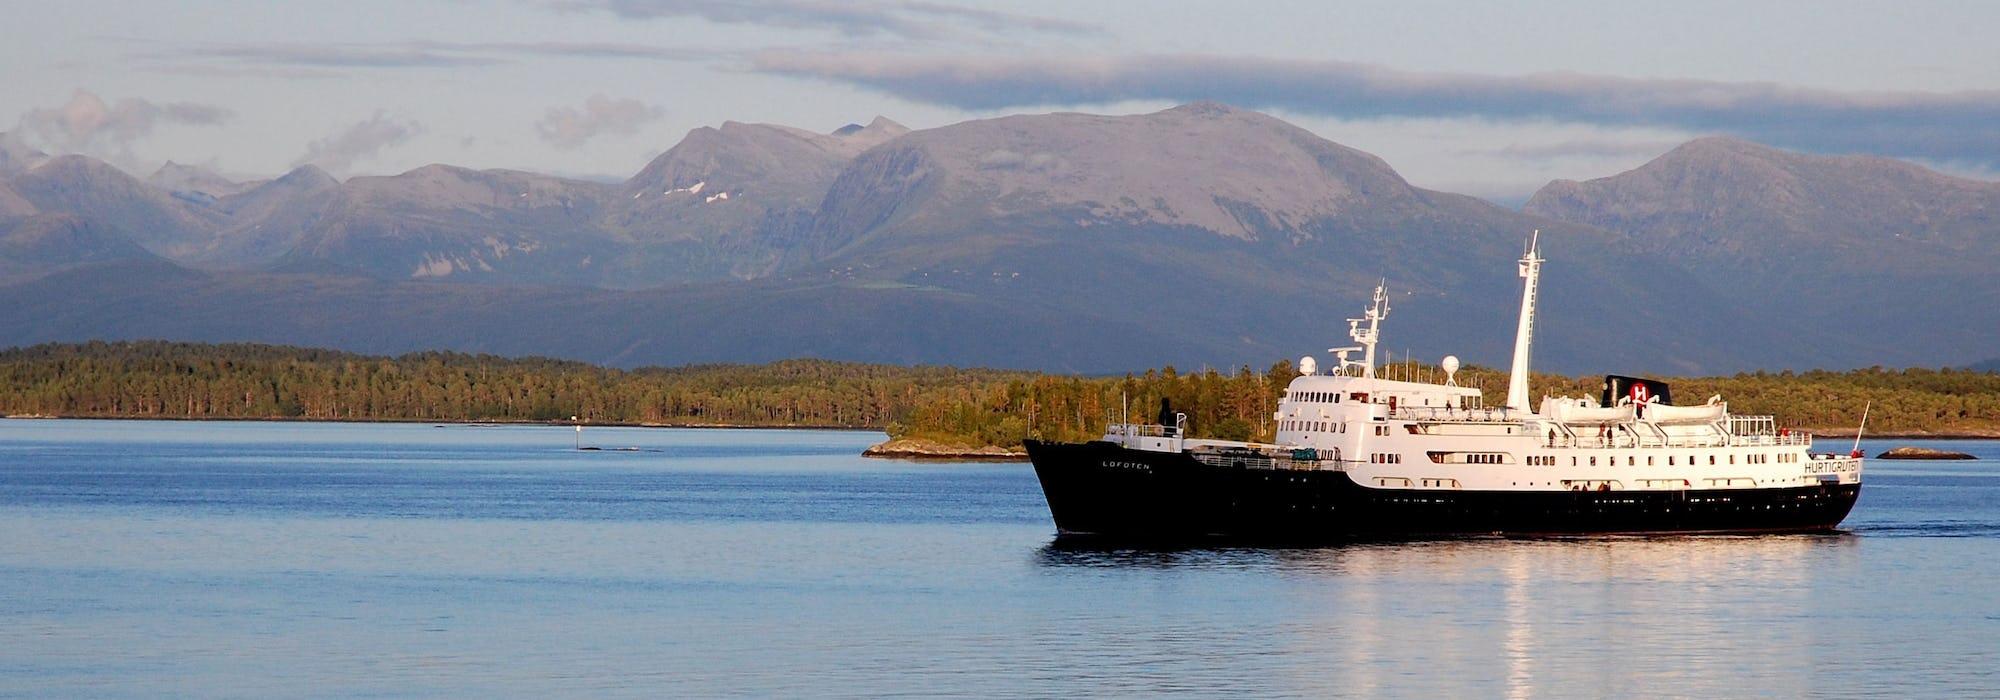 Fartyget MS Lofoten kryssar sig fram med träd och berg i bakgrunden.